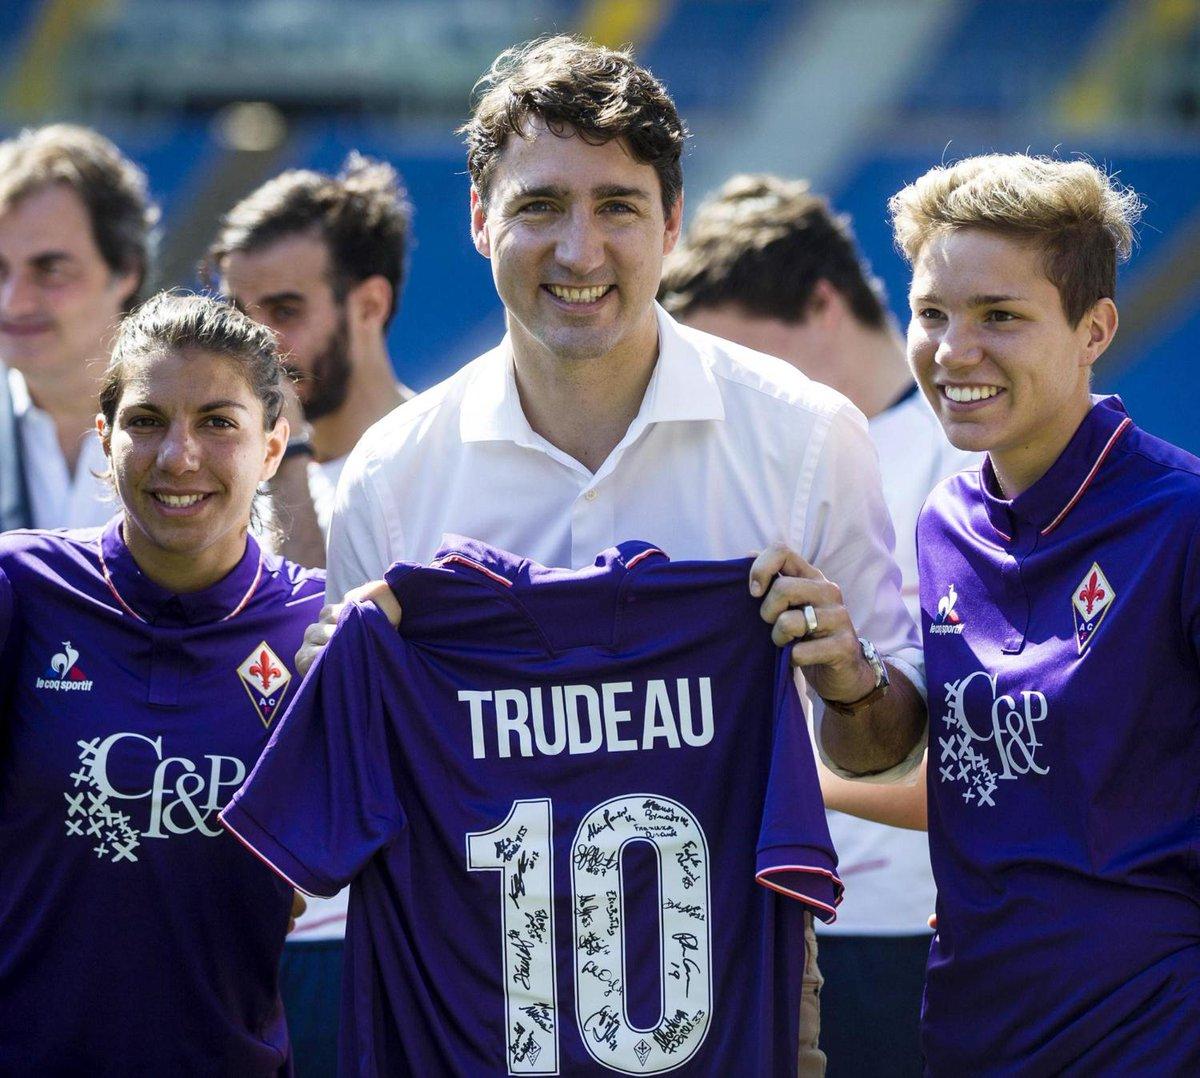 Trudeau demande à l'UE d'appliquer provisoirement le CETA https://t.co...